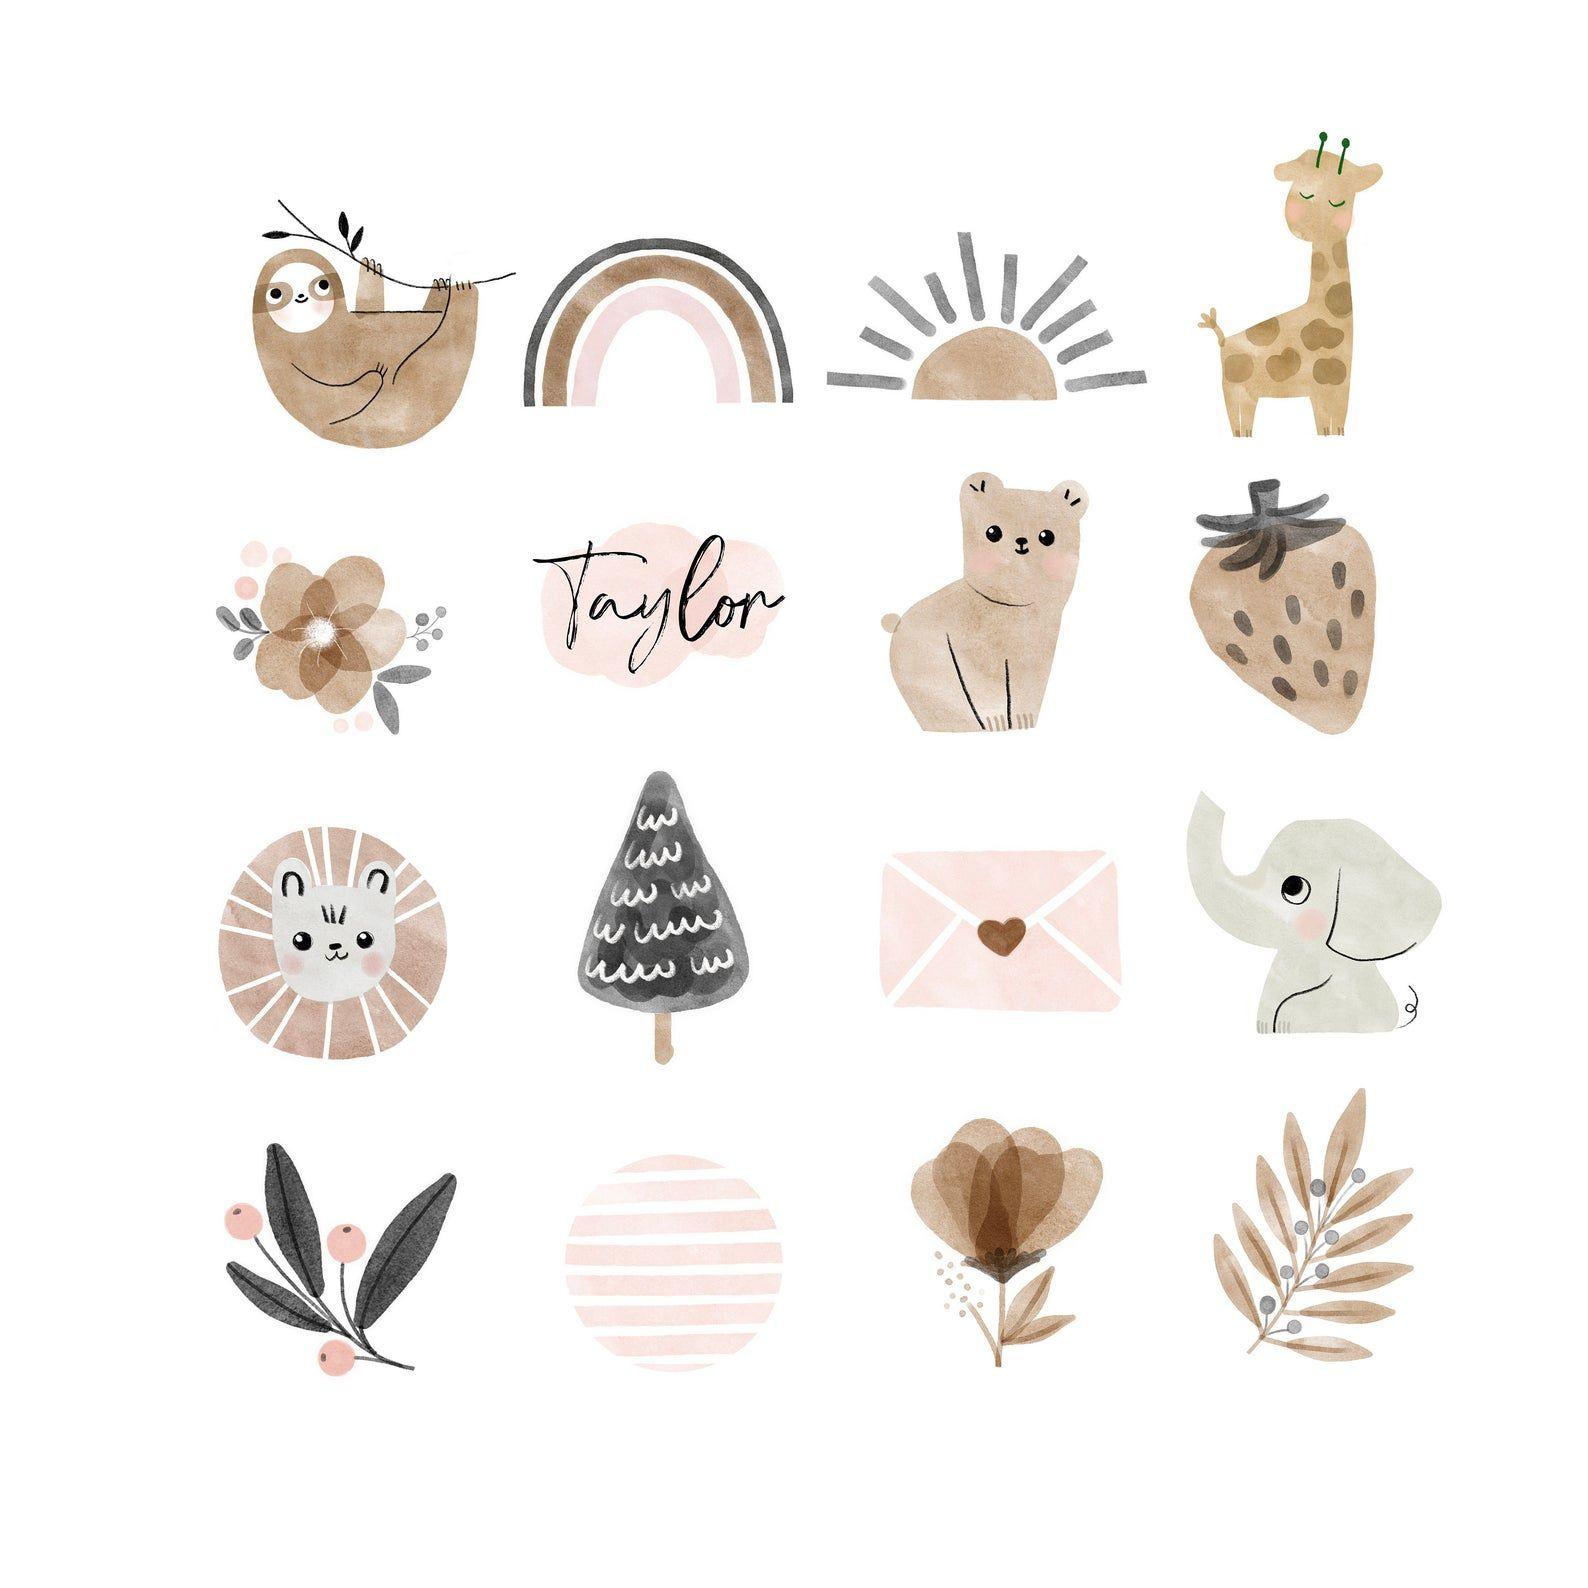 Boho instagram story highlight icons baby animal sloth